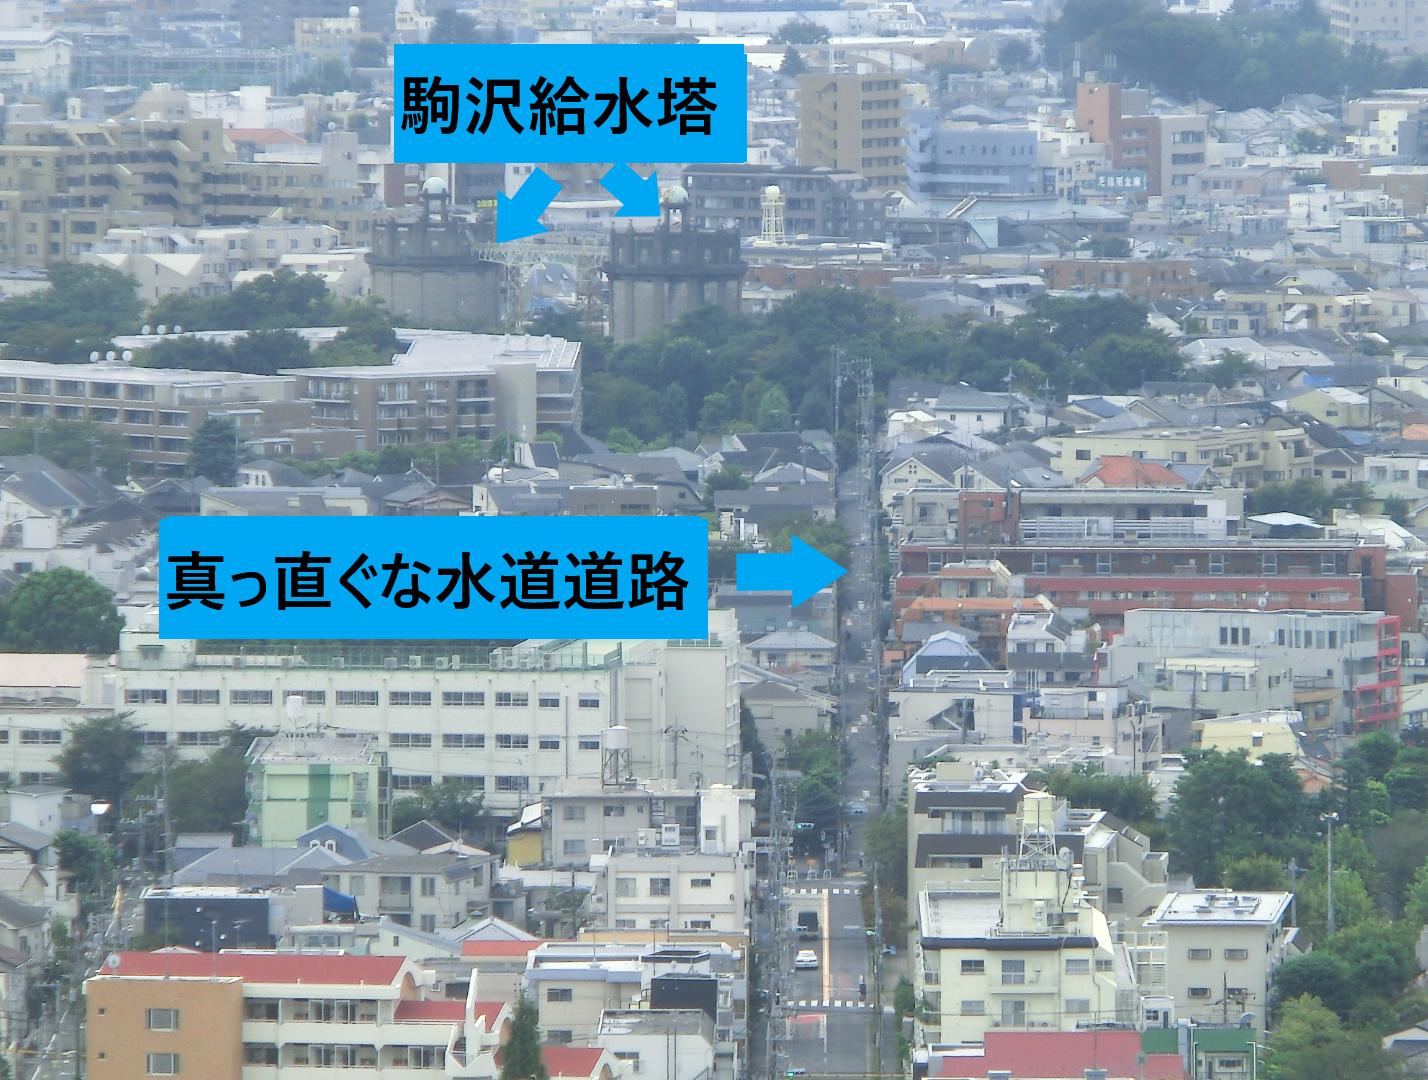 キャロットタワーから見た駒沢給水塔 桜新町・深沢散策1